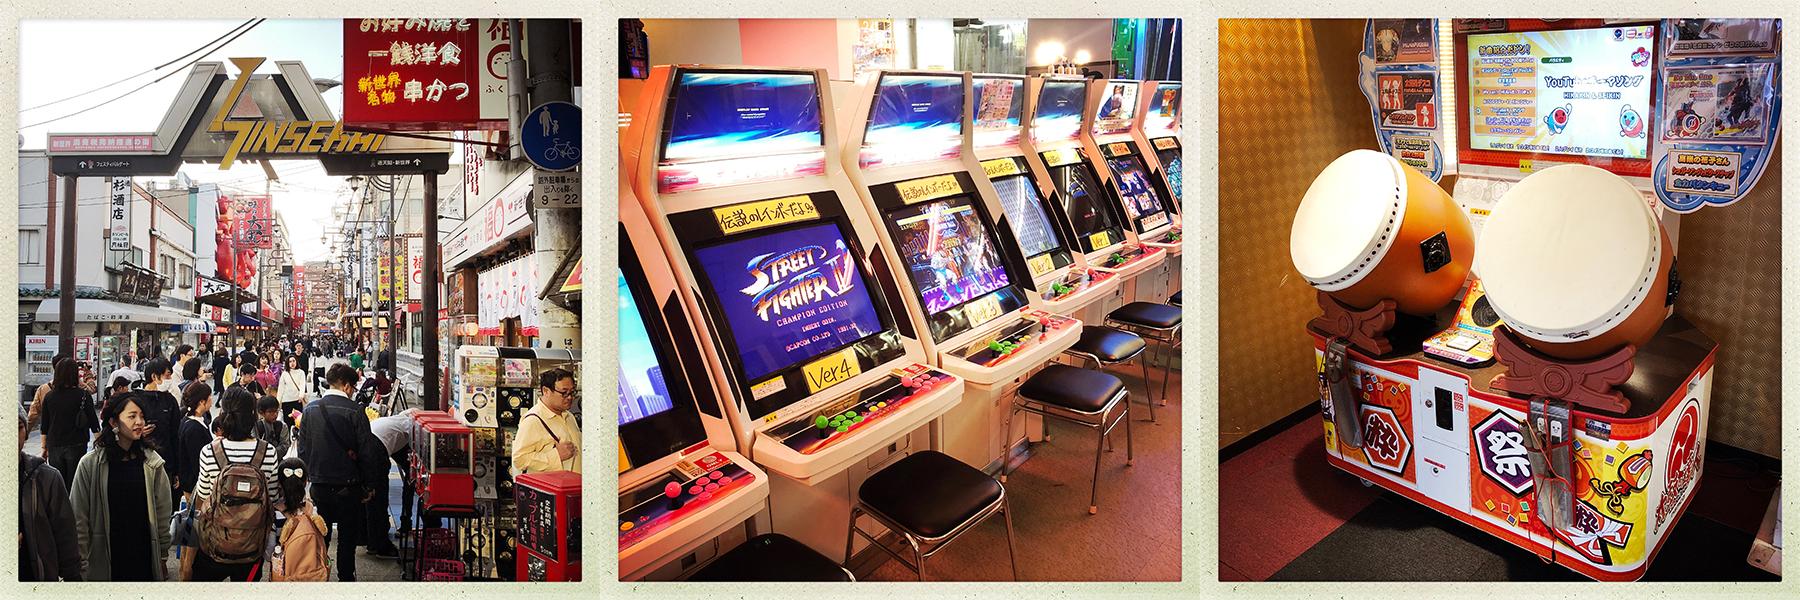 osaka_nipponbashi_shinsekai_retro_town_retro_arcade_street_fighter_taiko_no_tatsujin.jpg